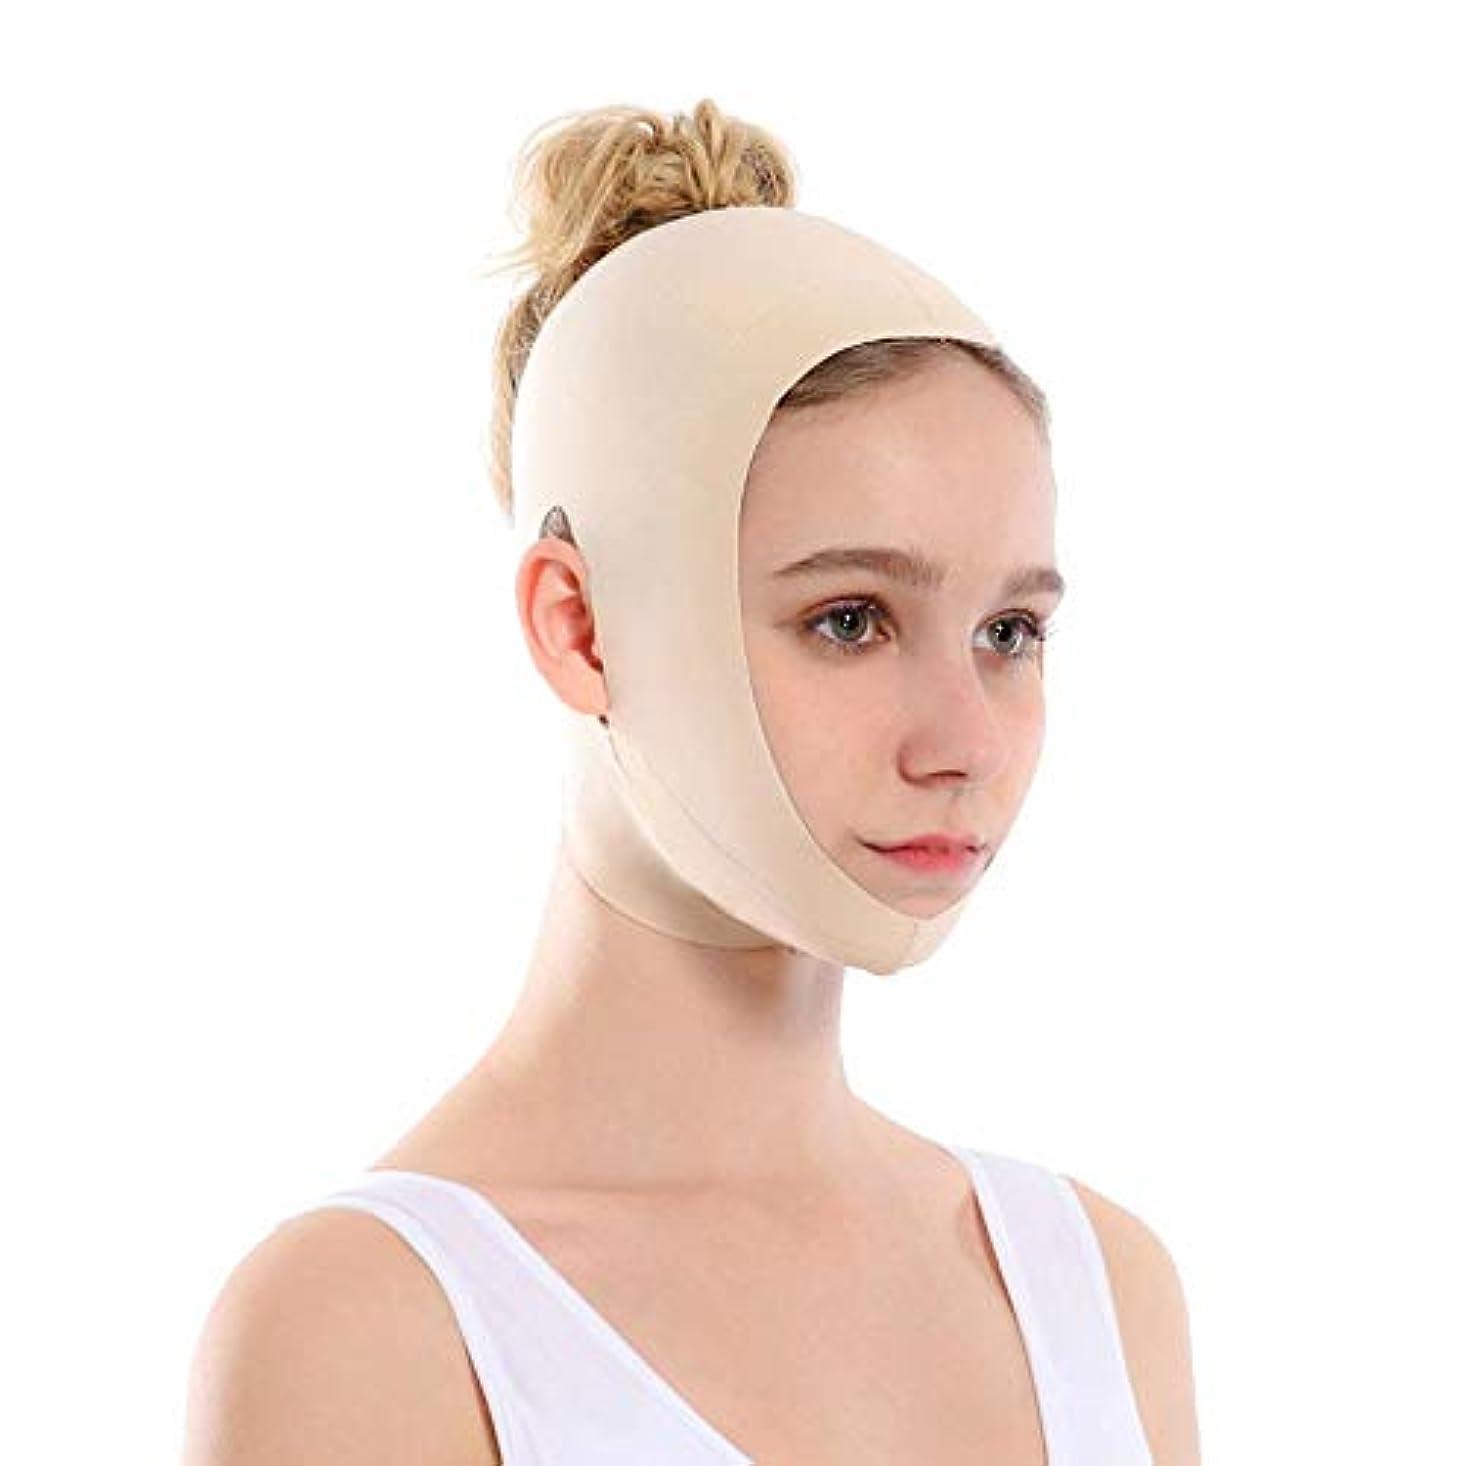 篭空虚上へ顔を持ち上げるアーティファクトVフェイス包帯リフティング引き締め睡眠薄い顔を整形持ち上げる顔を二重あご矯正 - 肌の色